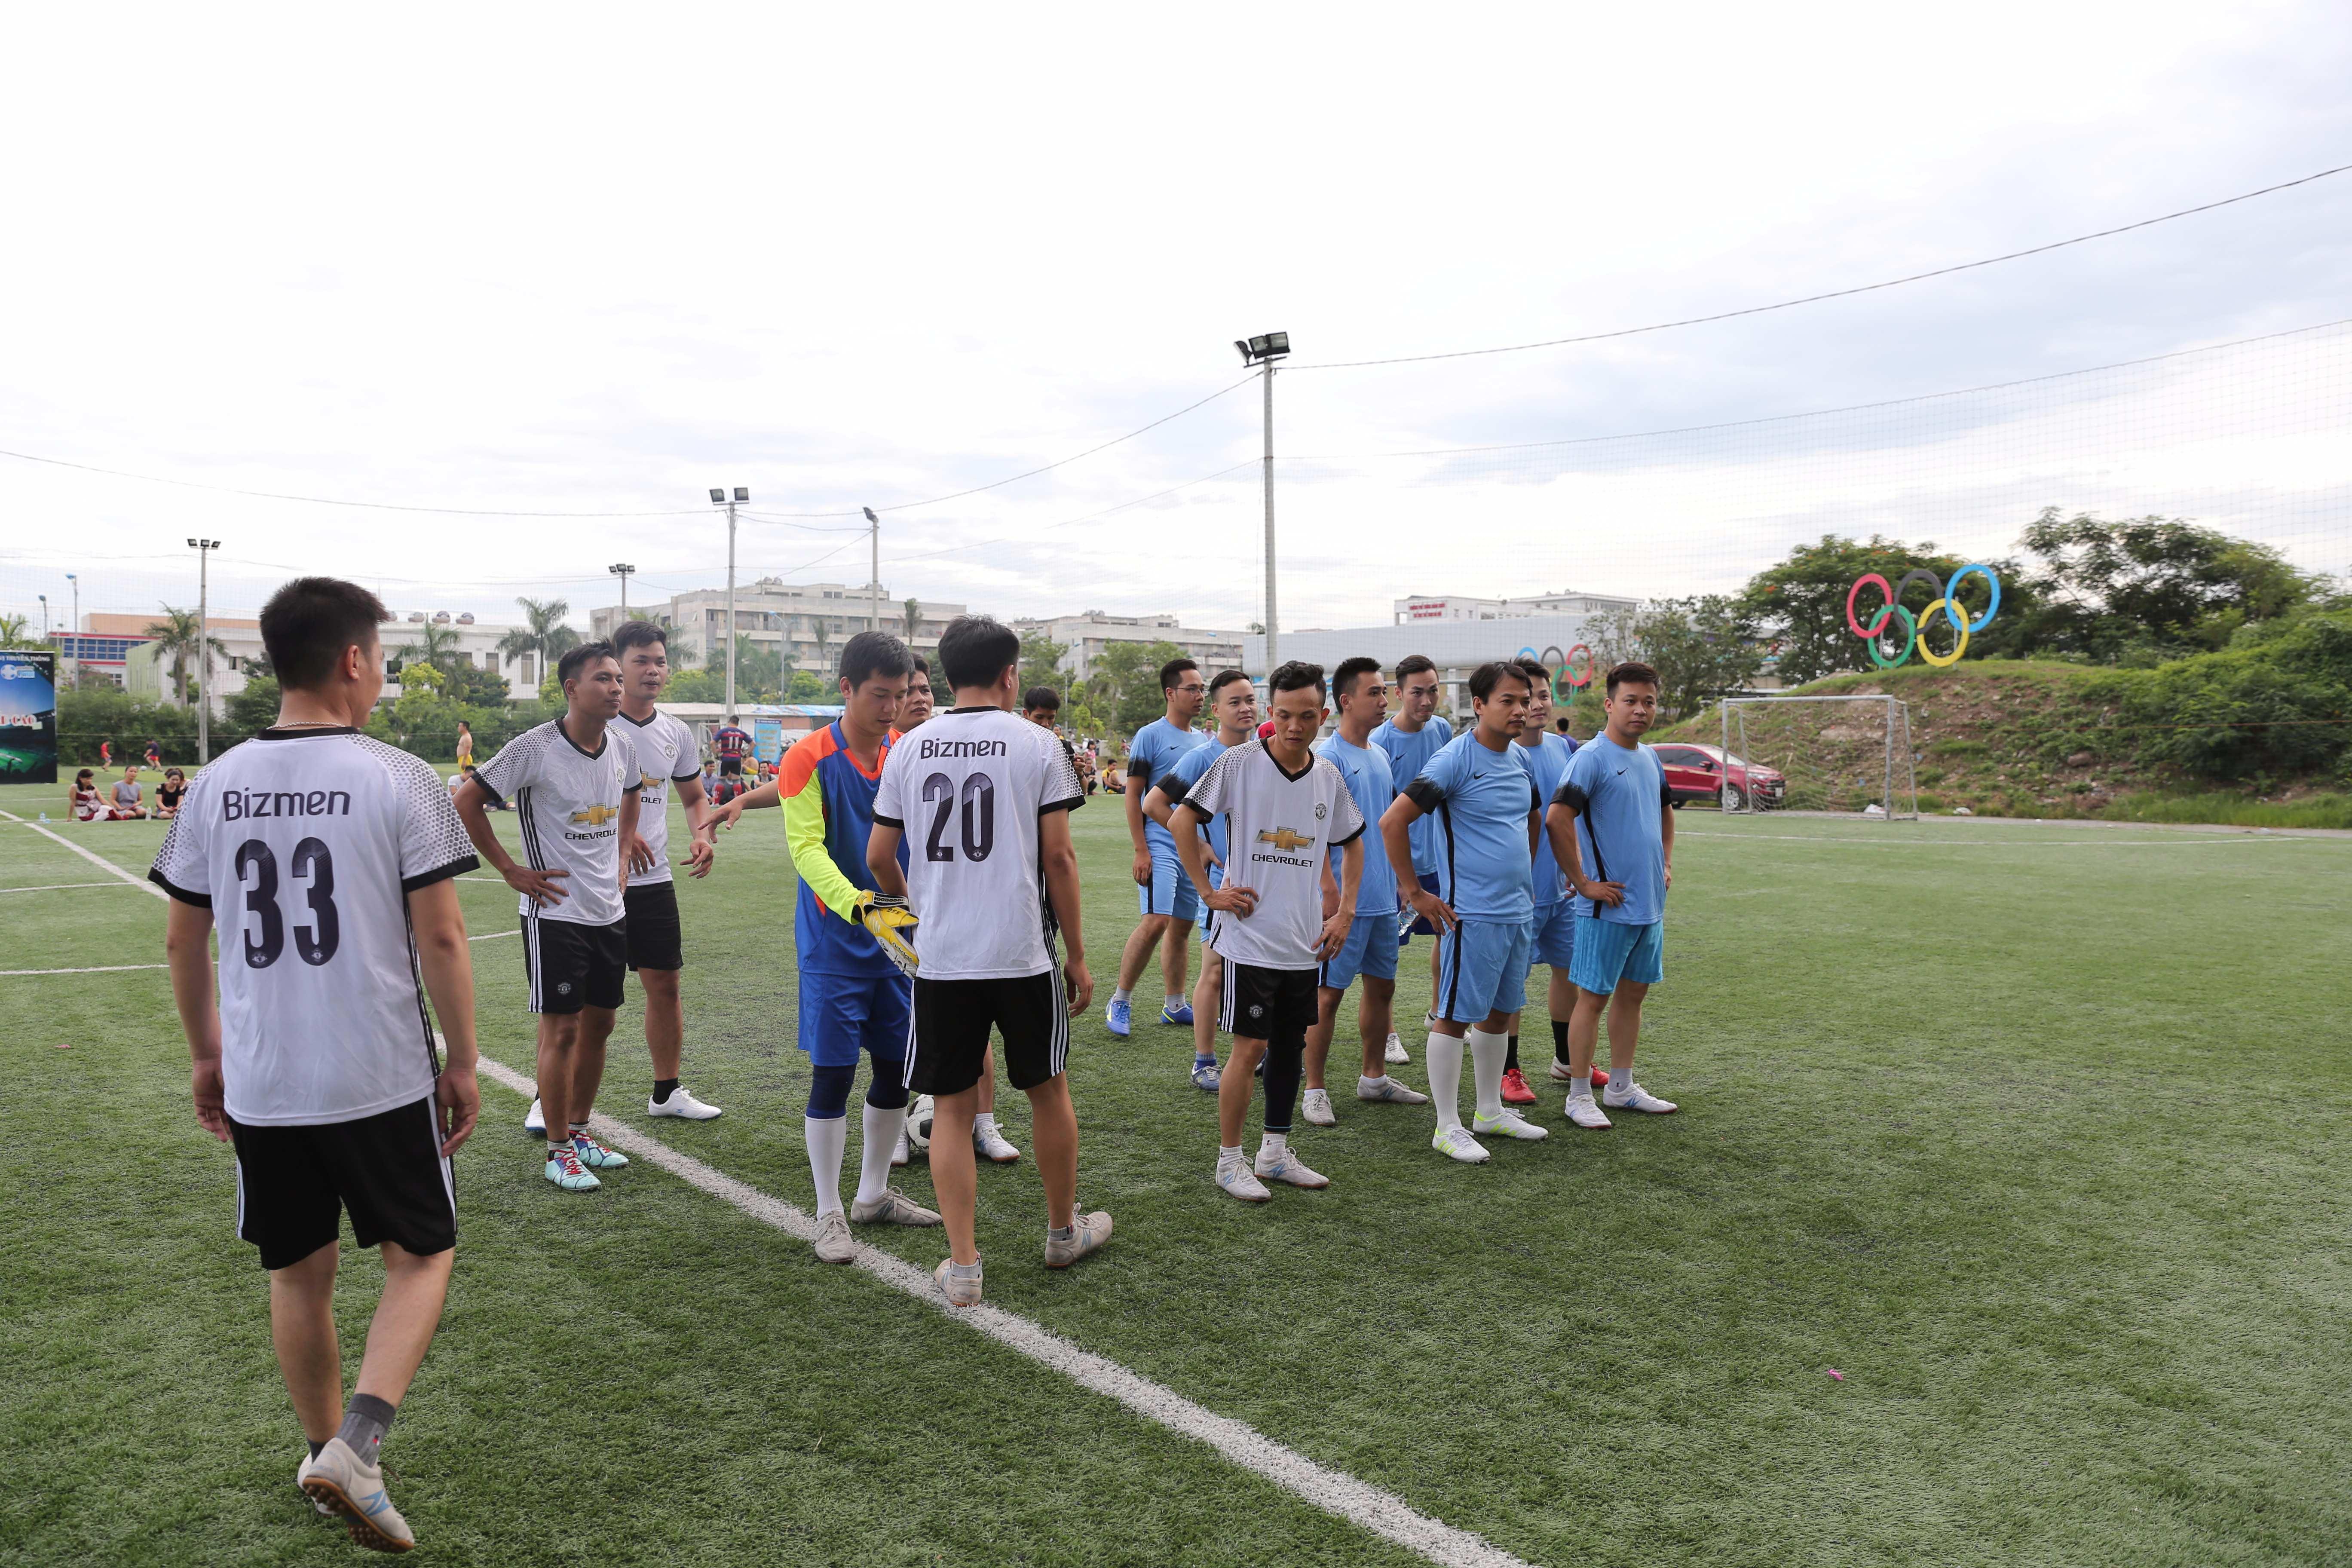 Các cầu thủ bắt tay giao hữu trước khi bắt đầu trận đấu